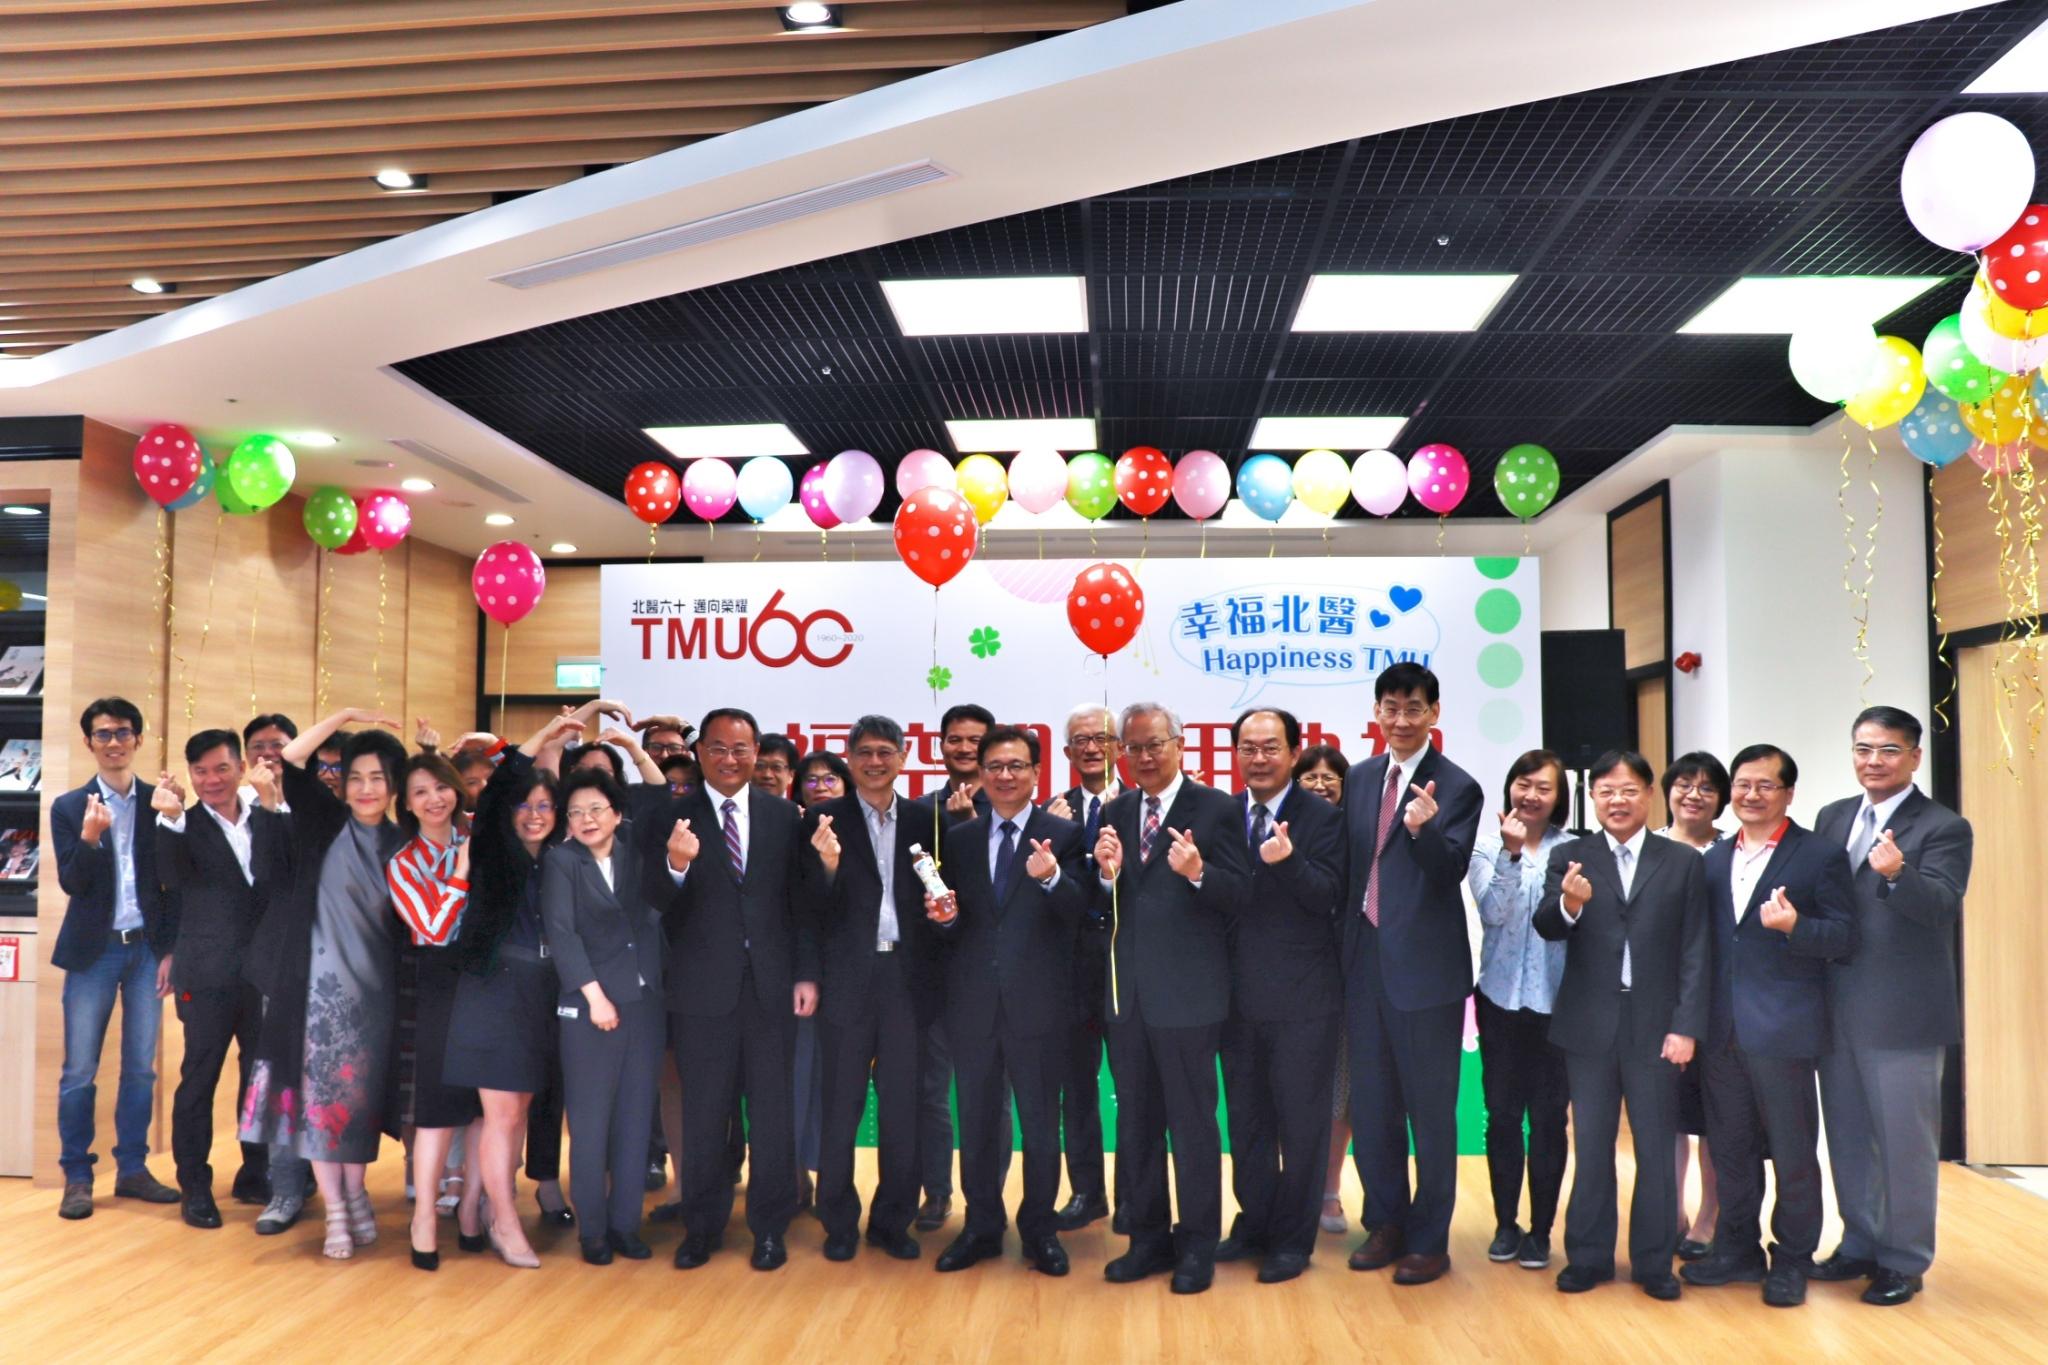 臺北醫學大學開醫大先例 打造「幸福空間」營造開心職場-幸福企業